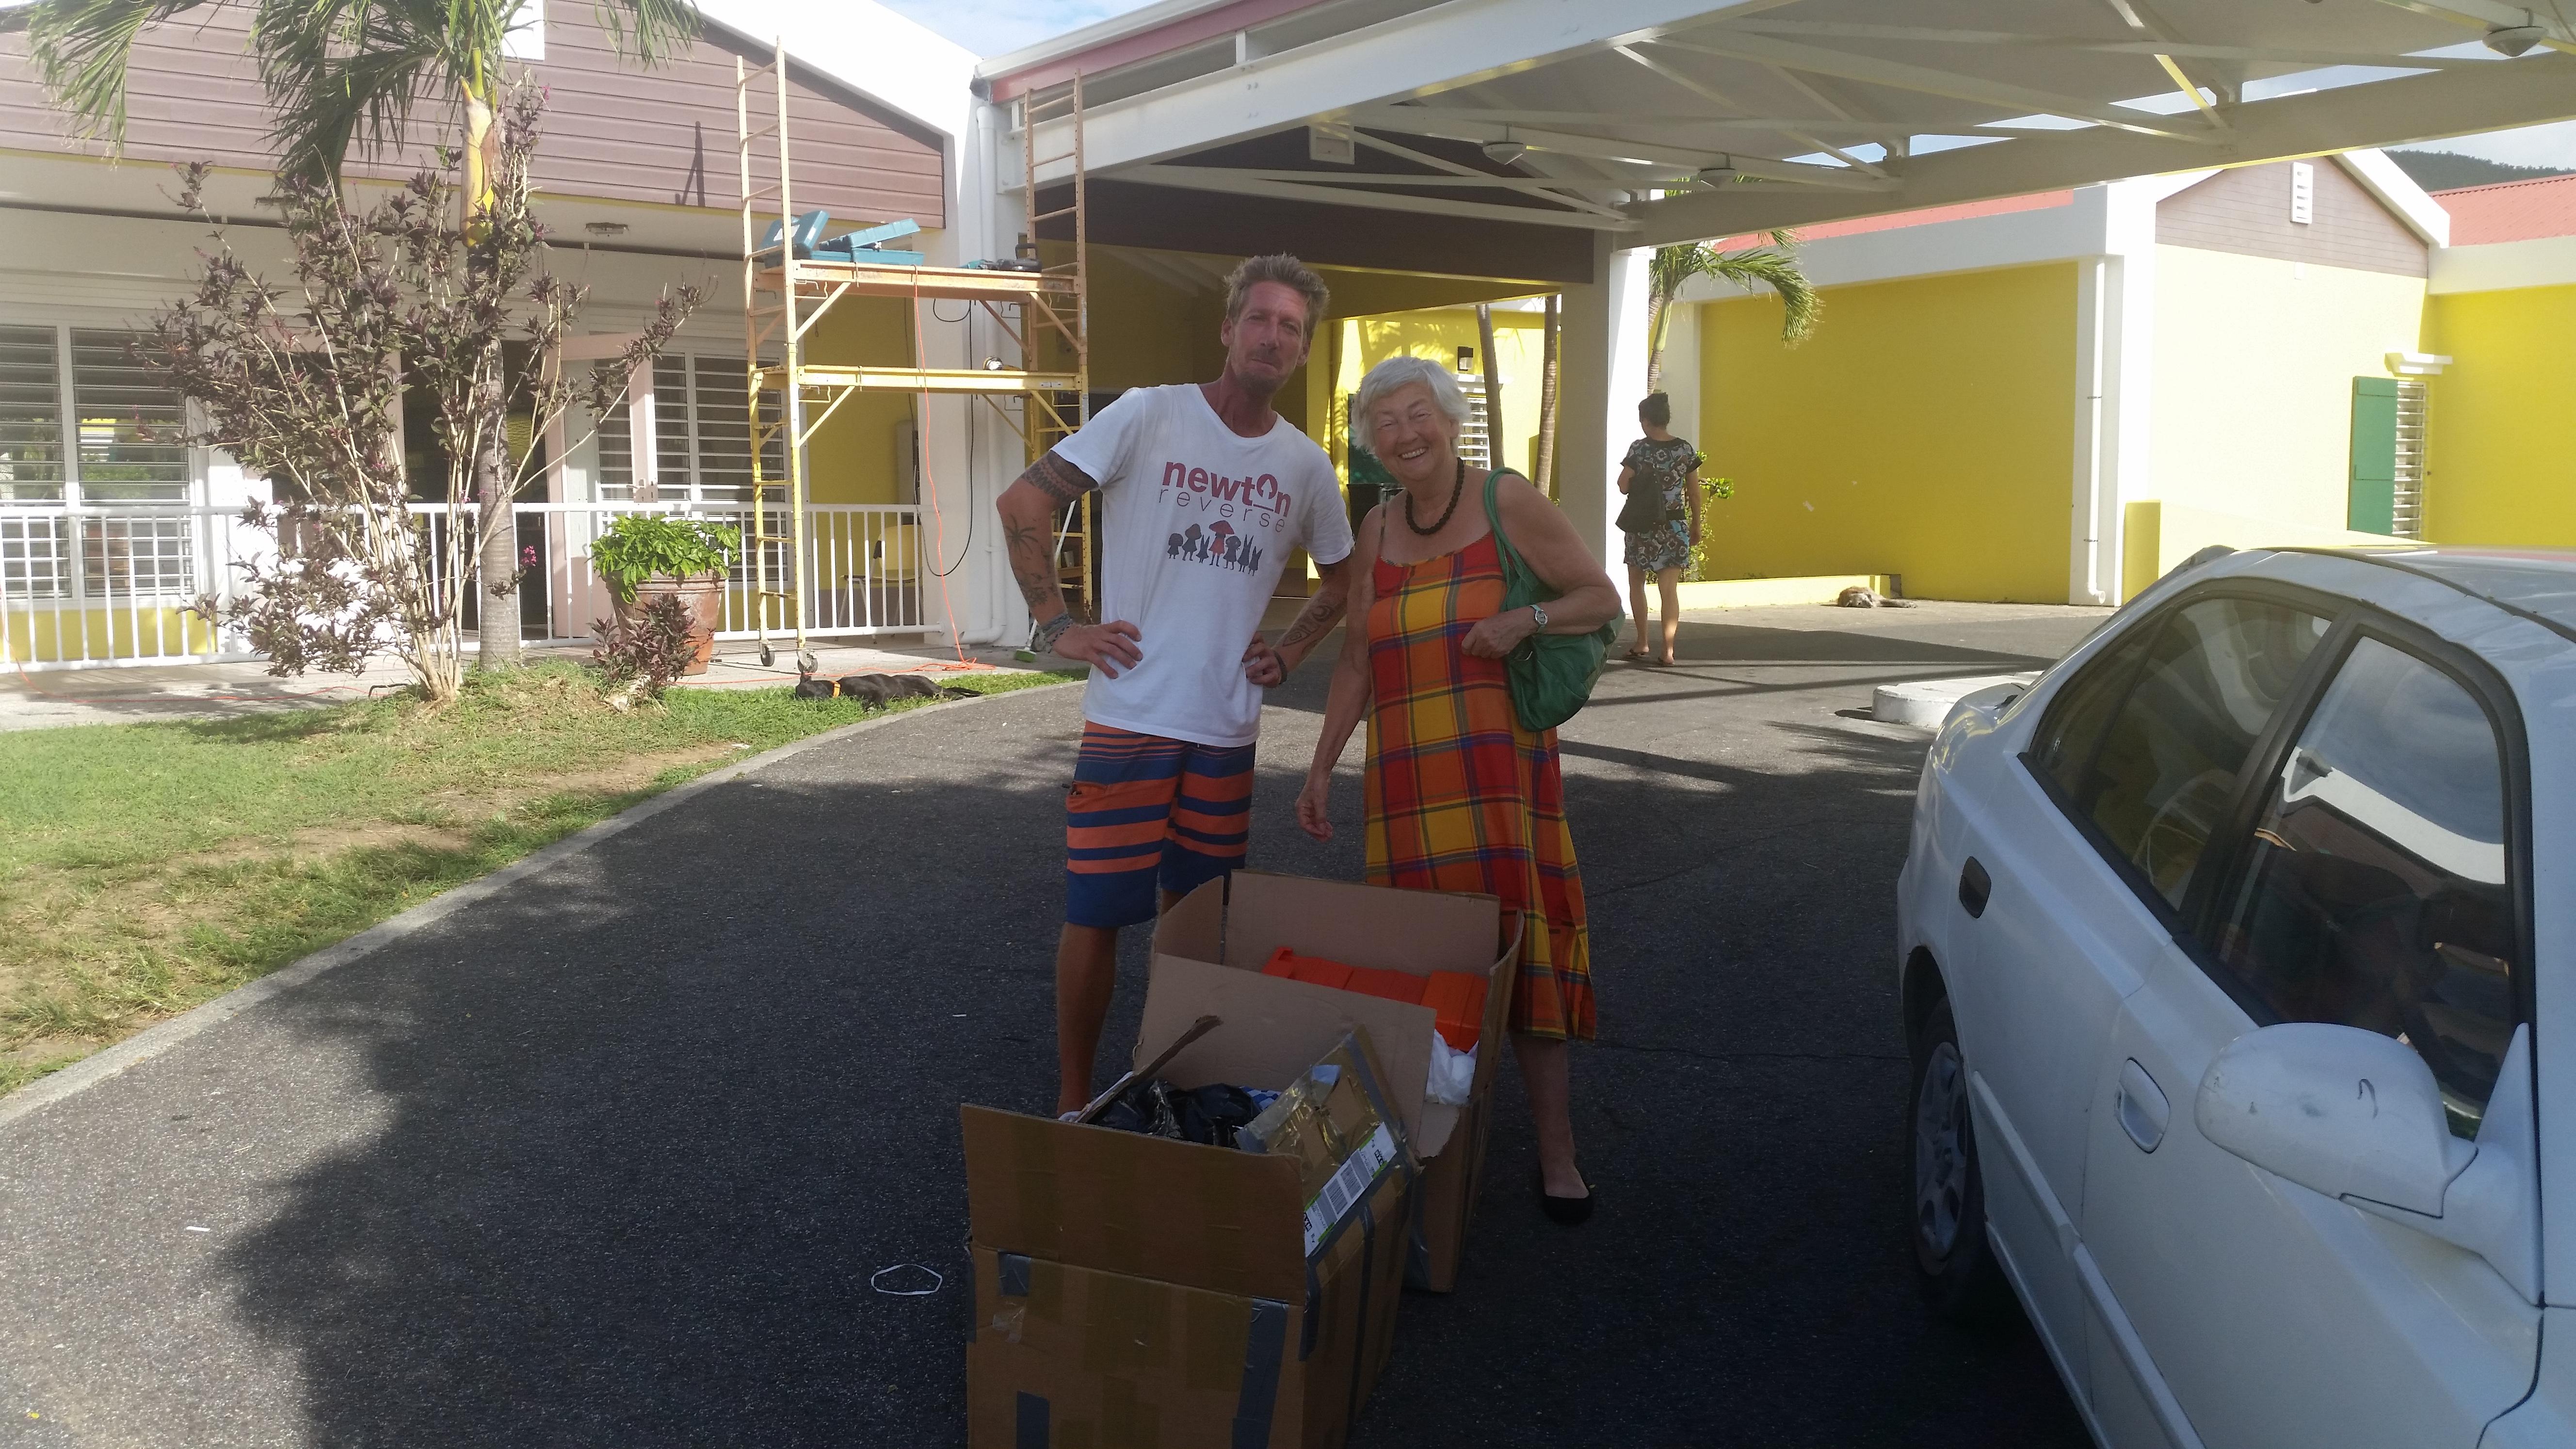 Verbandkoffers voor Sint Maarten